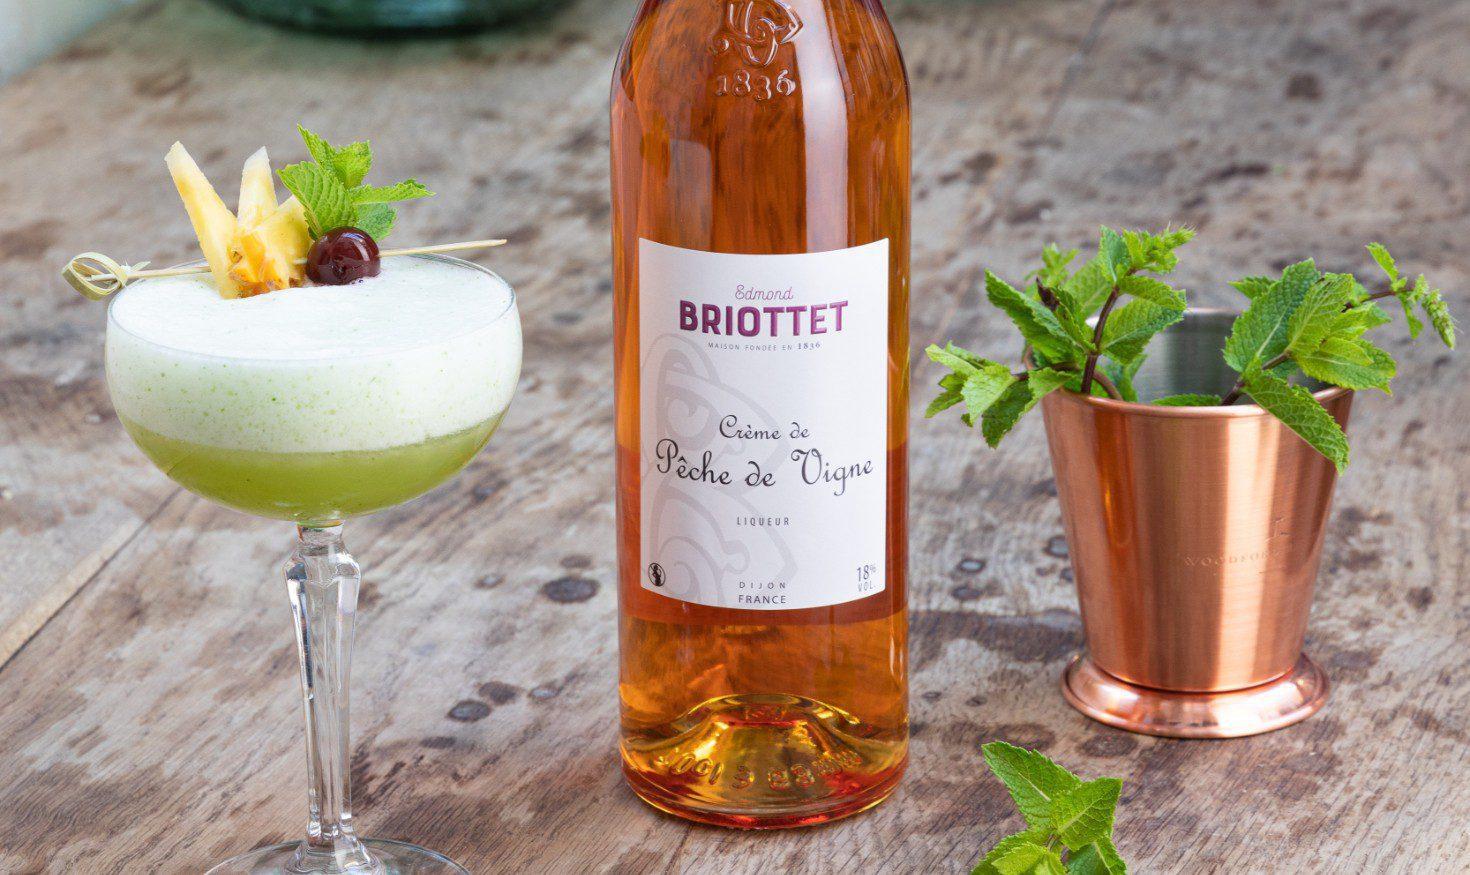 14-Briottet Cocktails - Aku Aku - Crème de Pêche de vigne - Antoine Martel Photographe